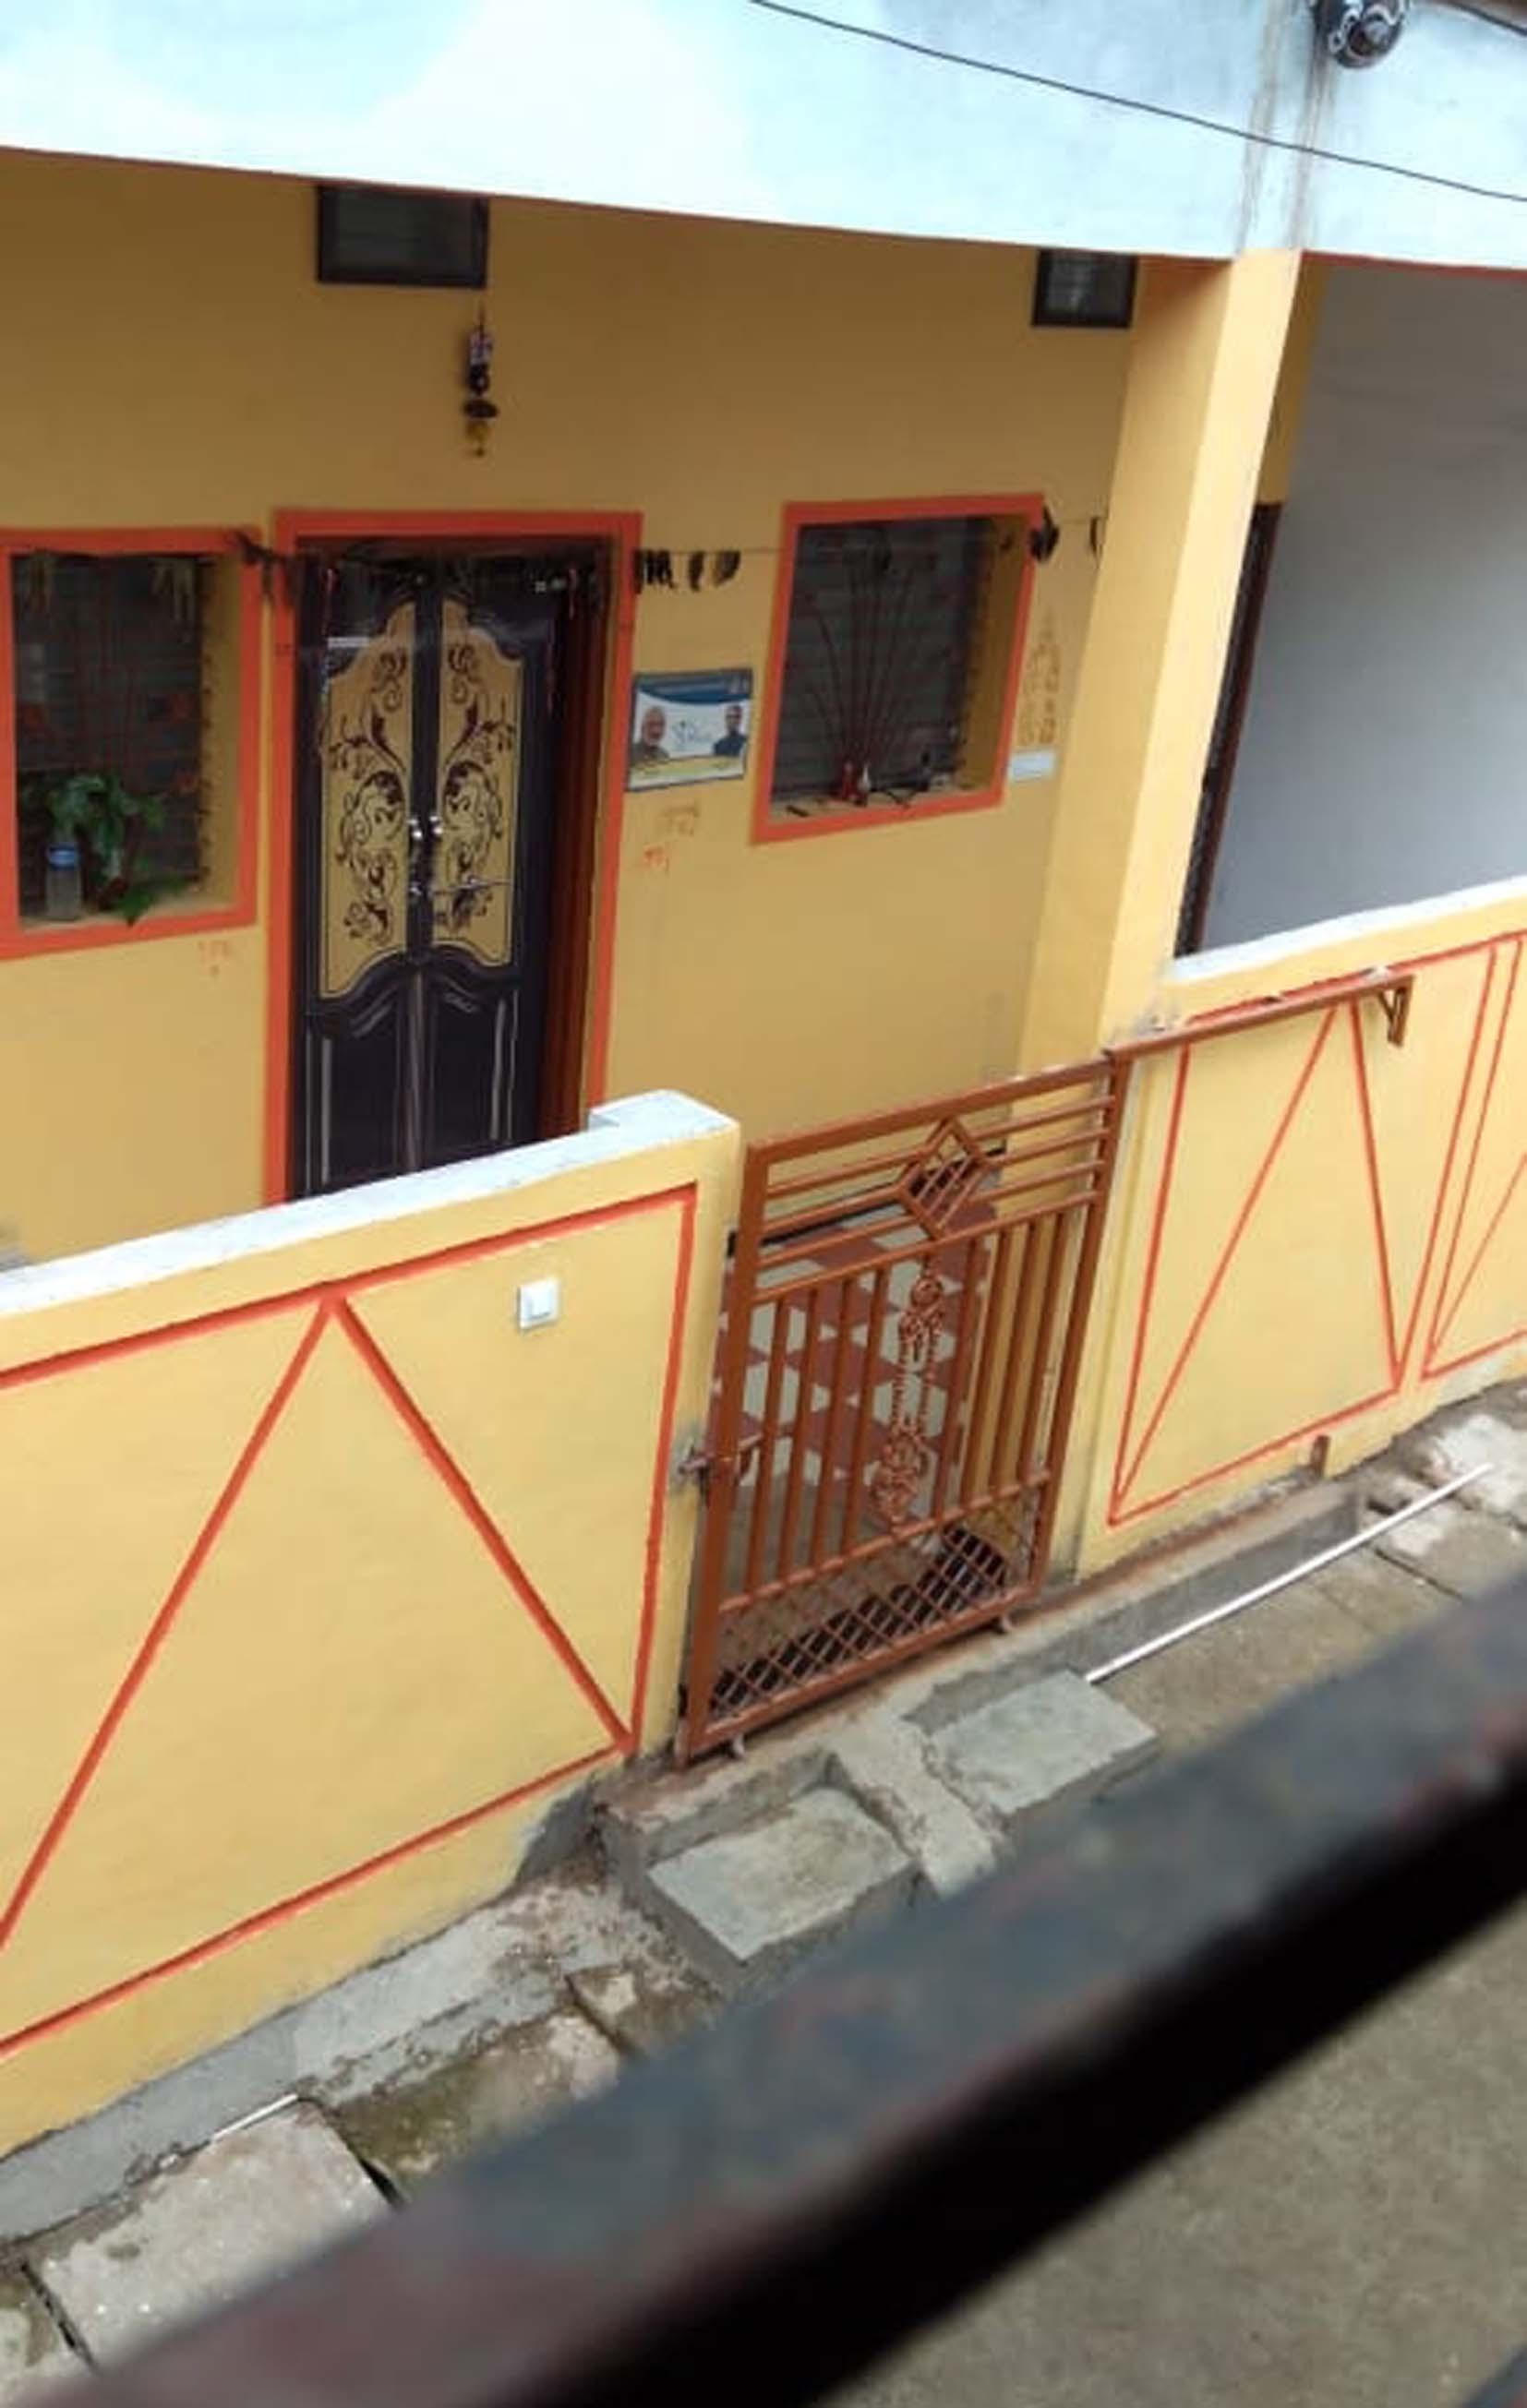 PM आवास के लिए सभापति ने की गड़बड़ी, बनाया मकान